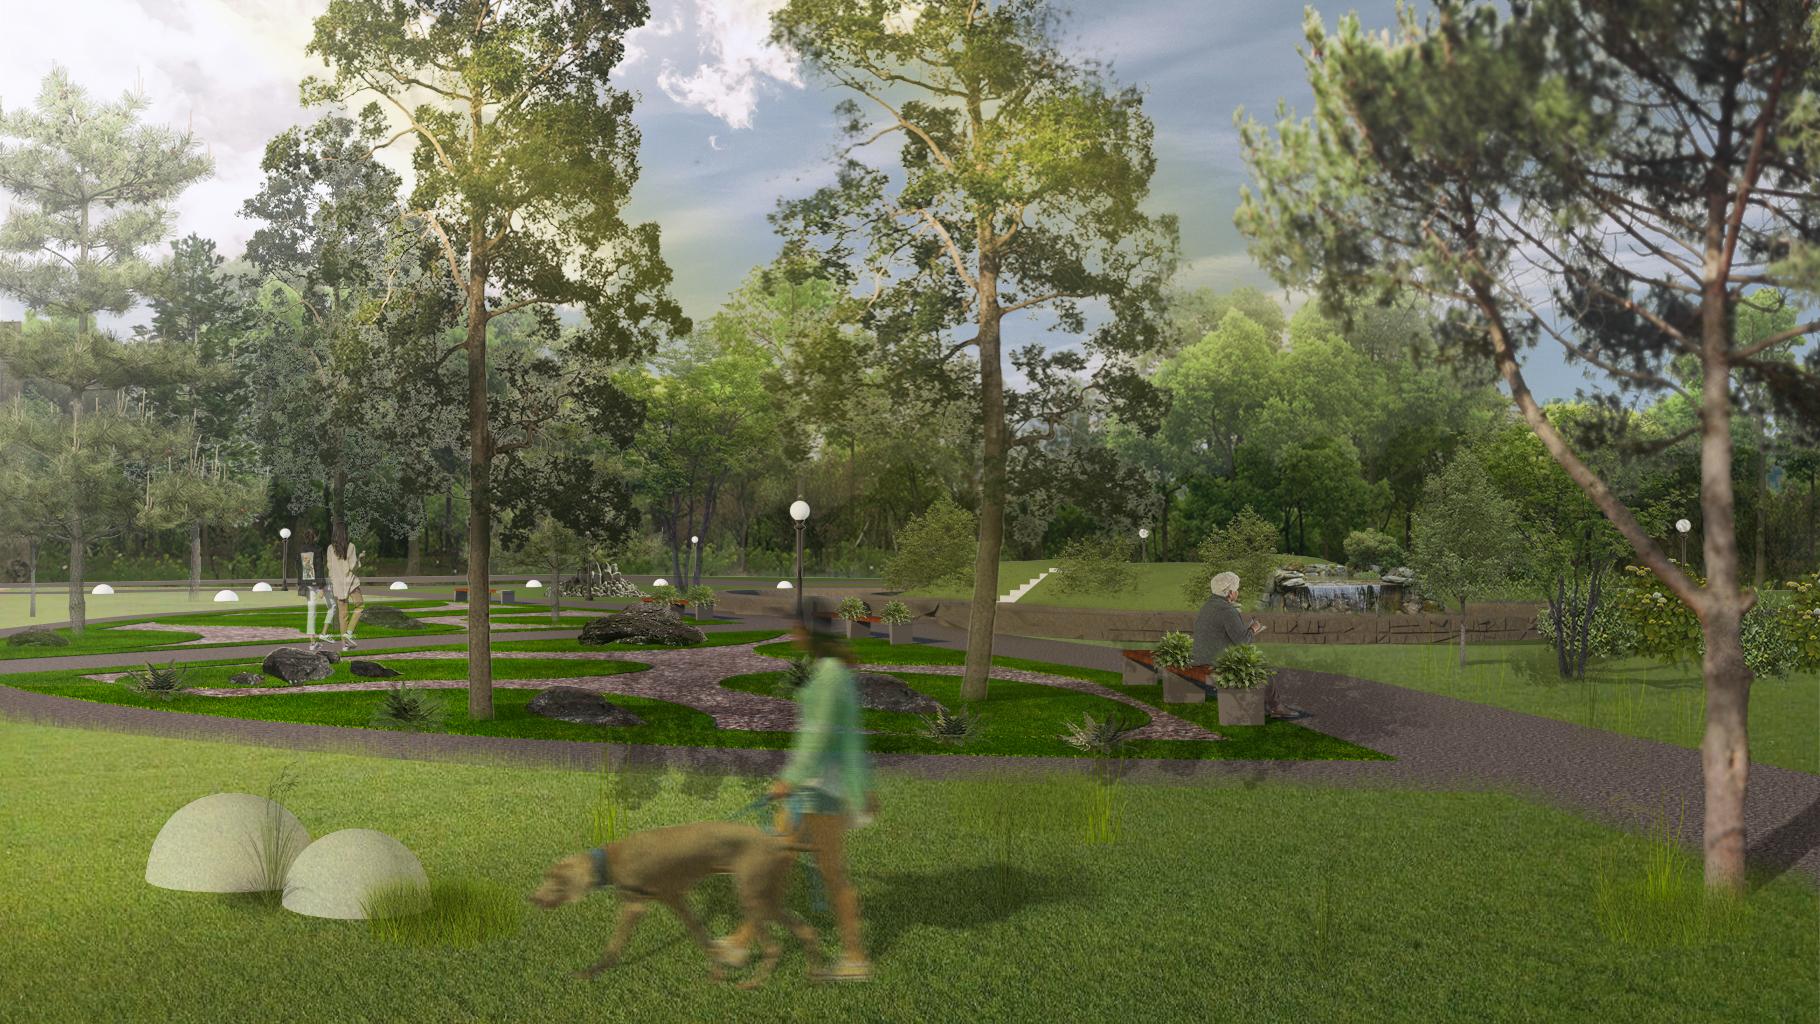 Парк «Дельфин»: история, концессия, реконструкция и зонирование - фото 1